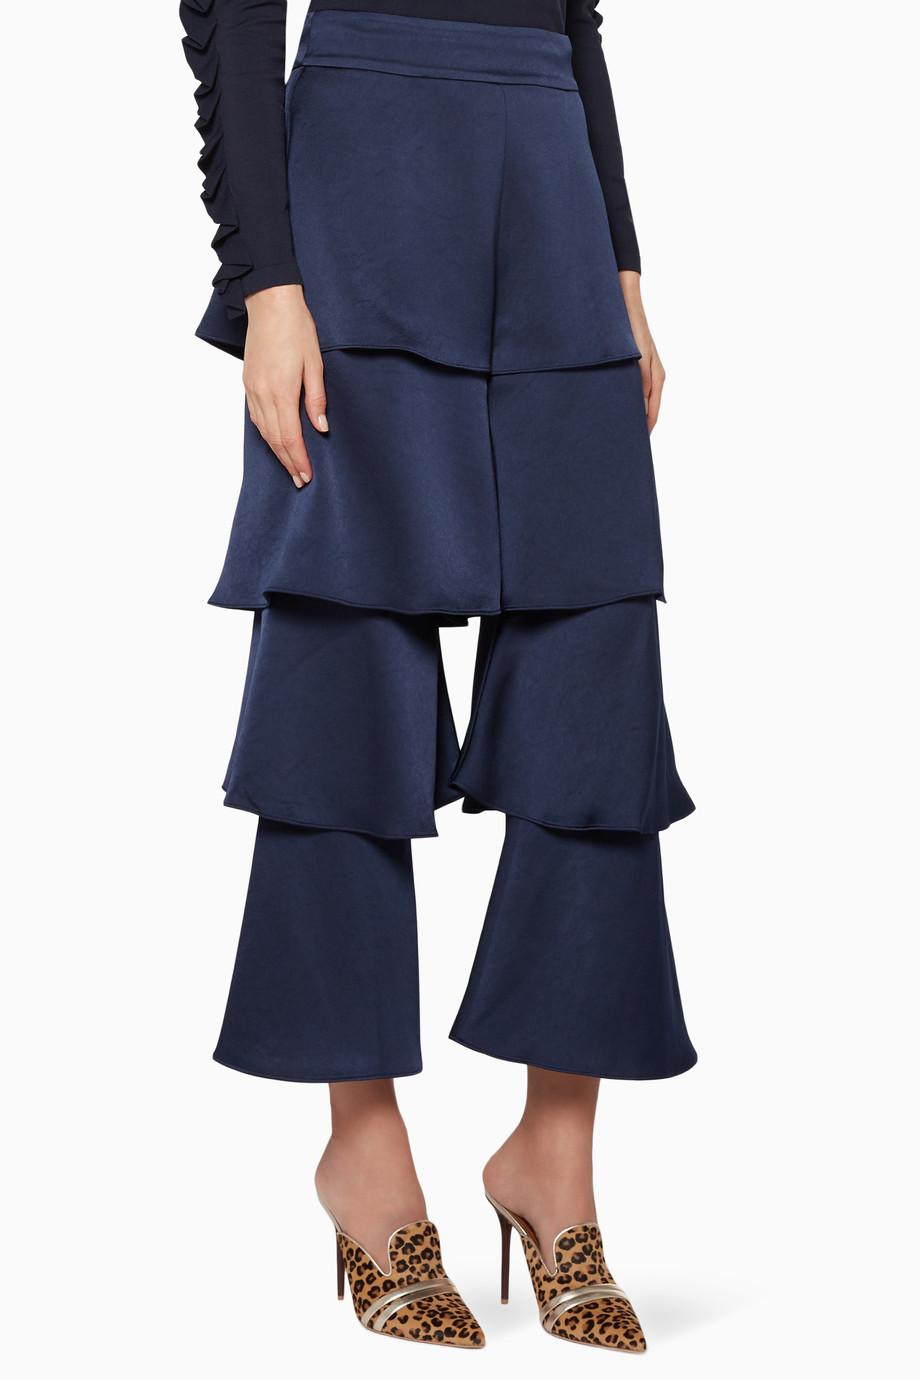 bf1e0d3b6 تسوق بنطال باريس قصير كحلي اليكسيس أزرق للنساء | اُناس السعودية